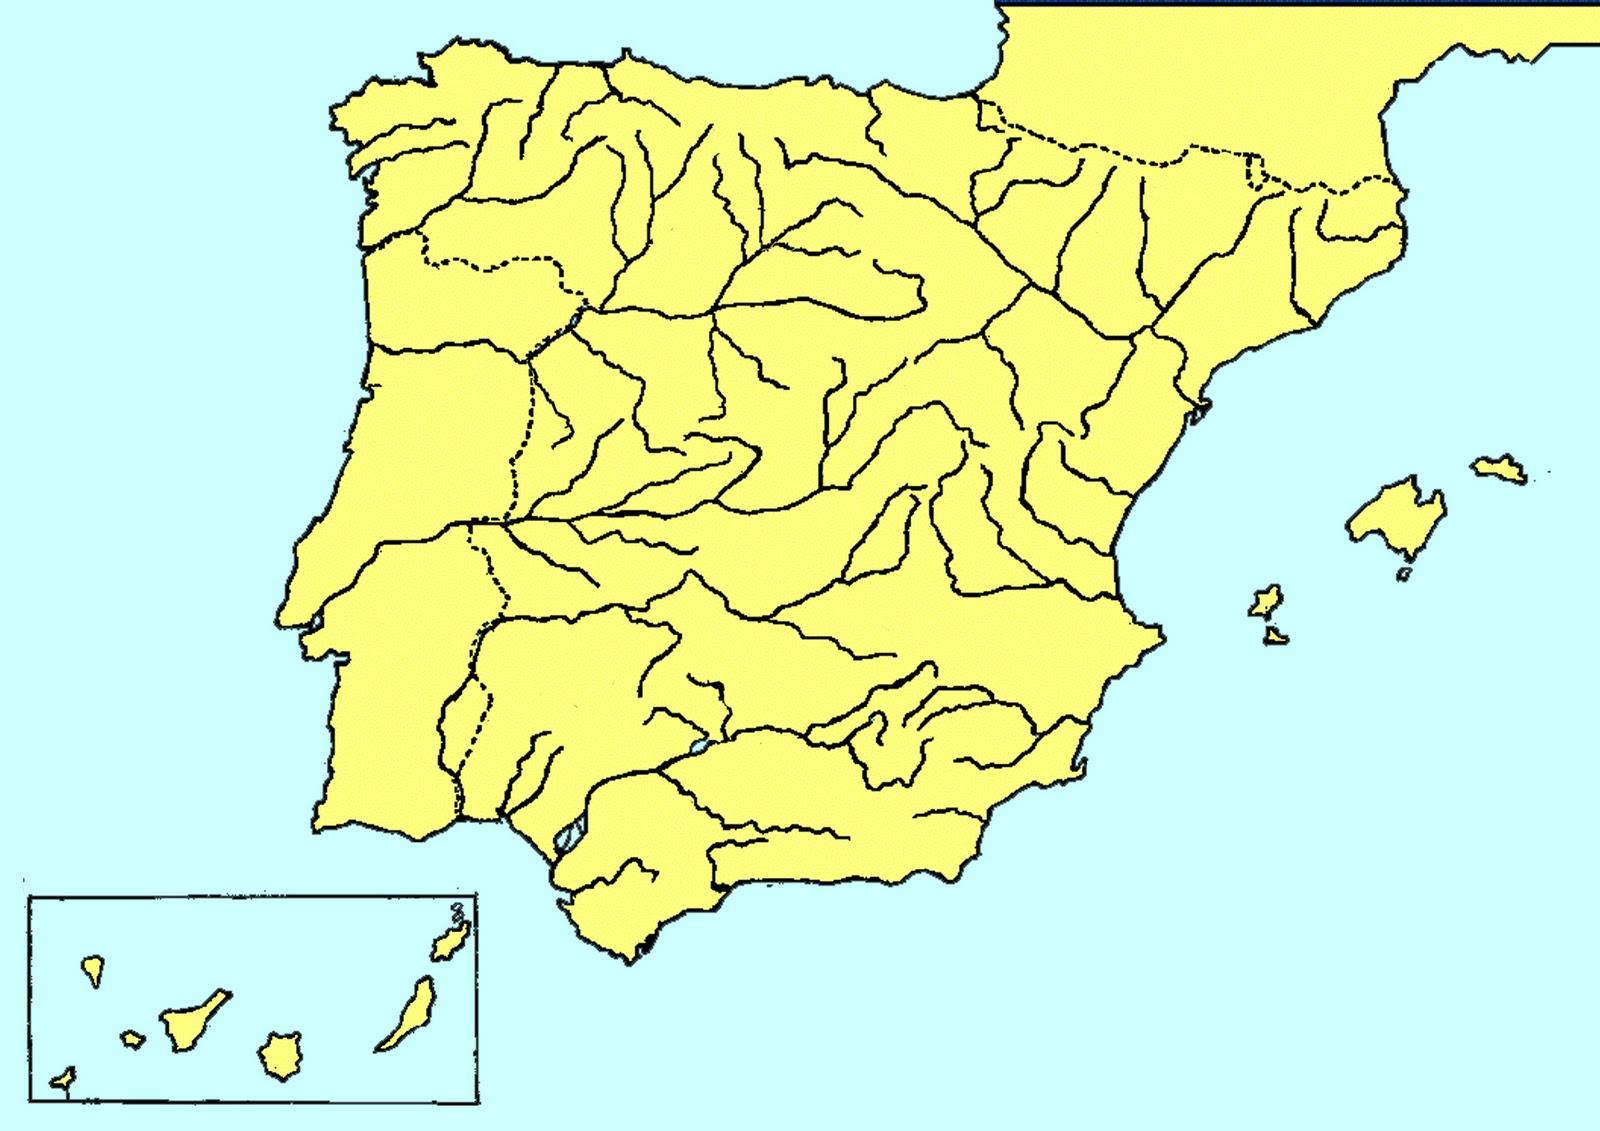 Rios España Mapa Fisico.Mapa Mudo Fisico Rios Espana